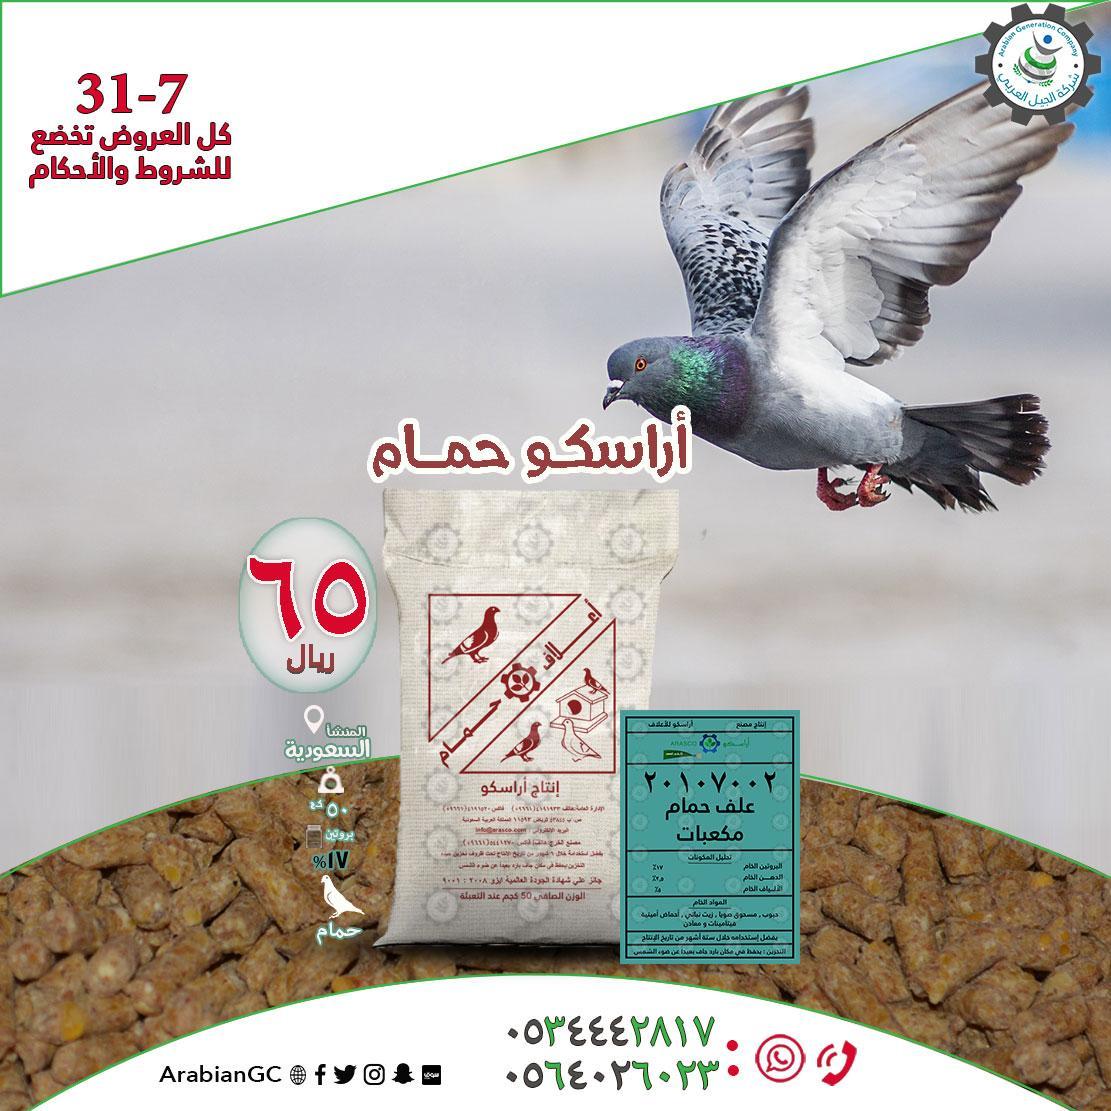 بشرى ساره شركة الجيل العربي d.php?hash=SCUYV3QS7